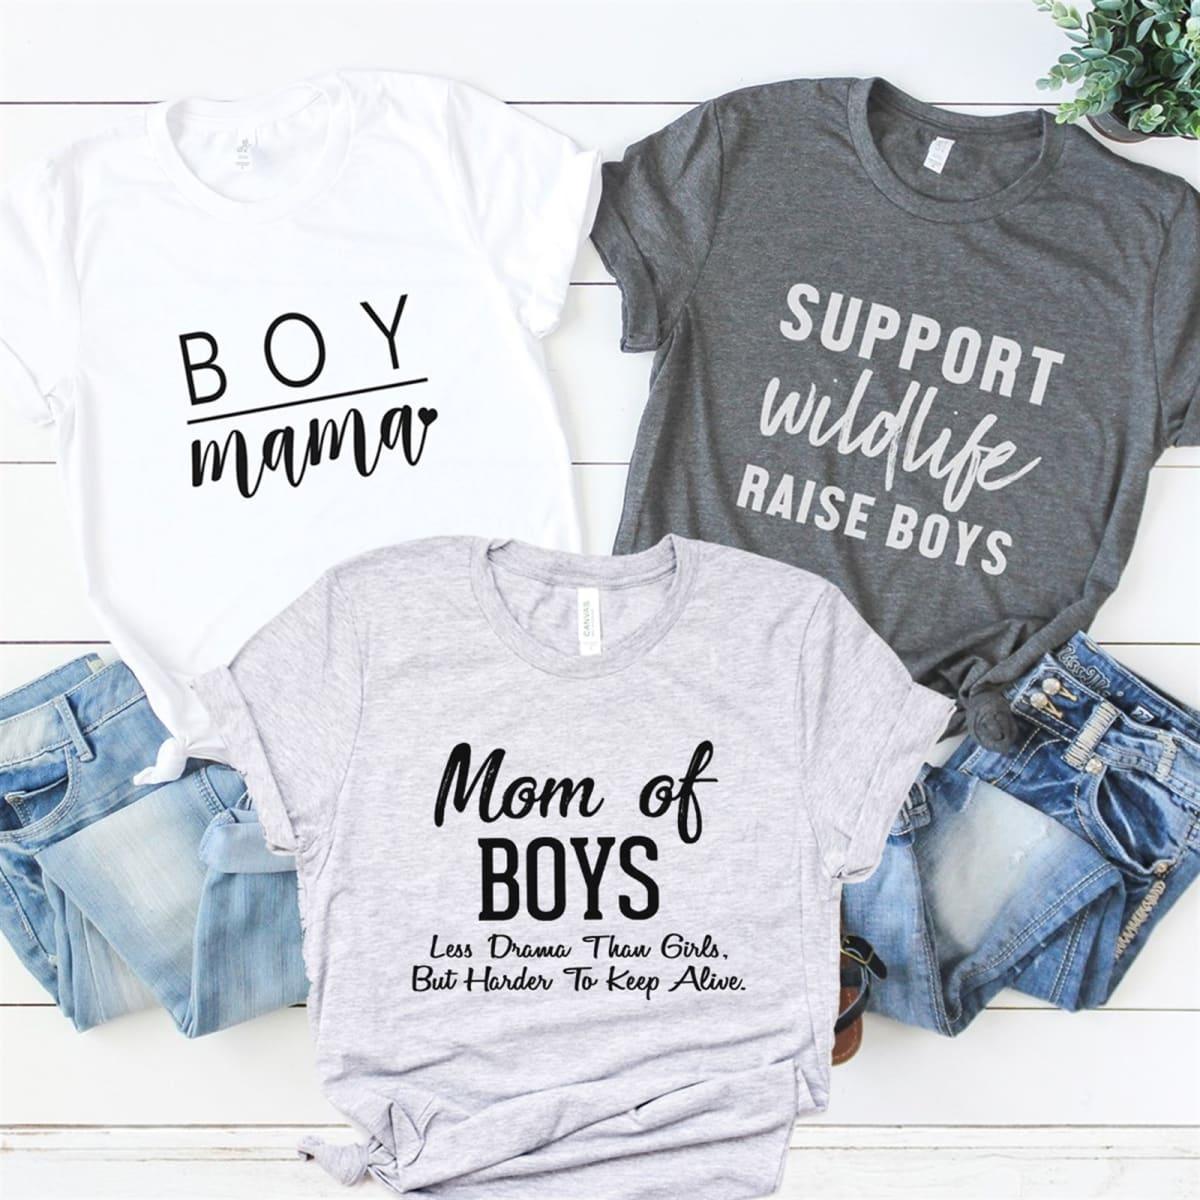 Mom Of Boys Tees